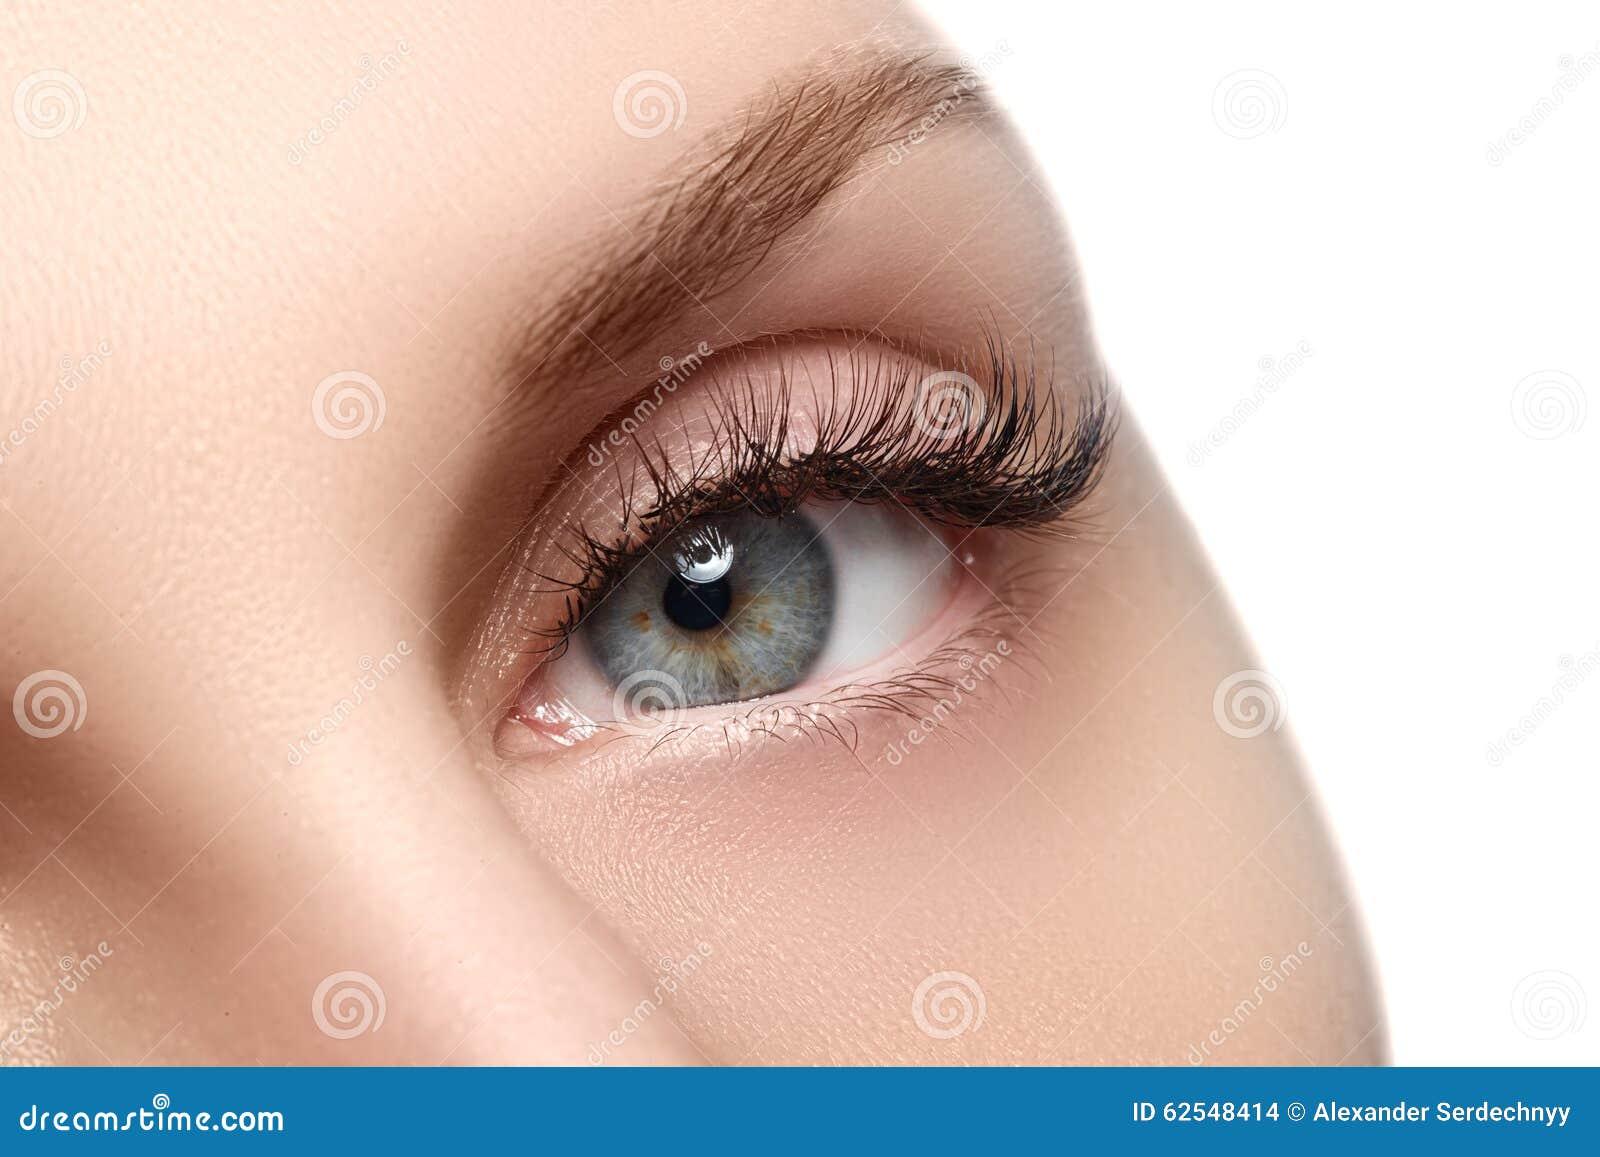 Tiro macro do olho bonito da mulher com as pestanas extremamente longas Vista  sexy , olhar sensual Olho fêmea com pestanas longa